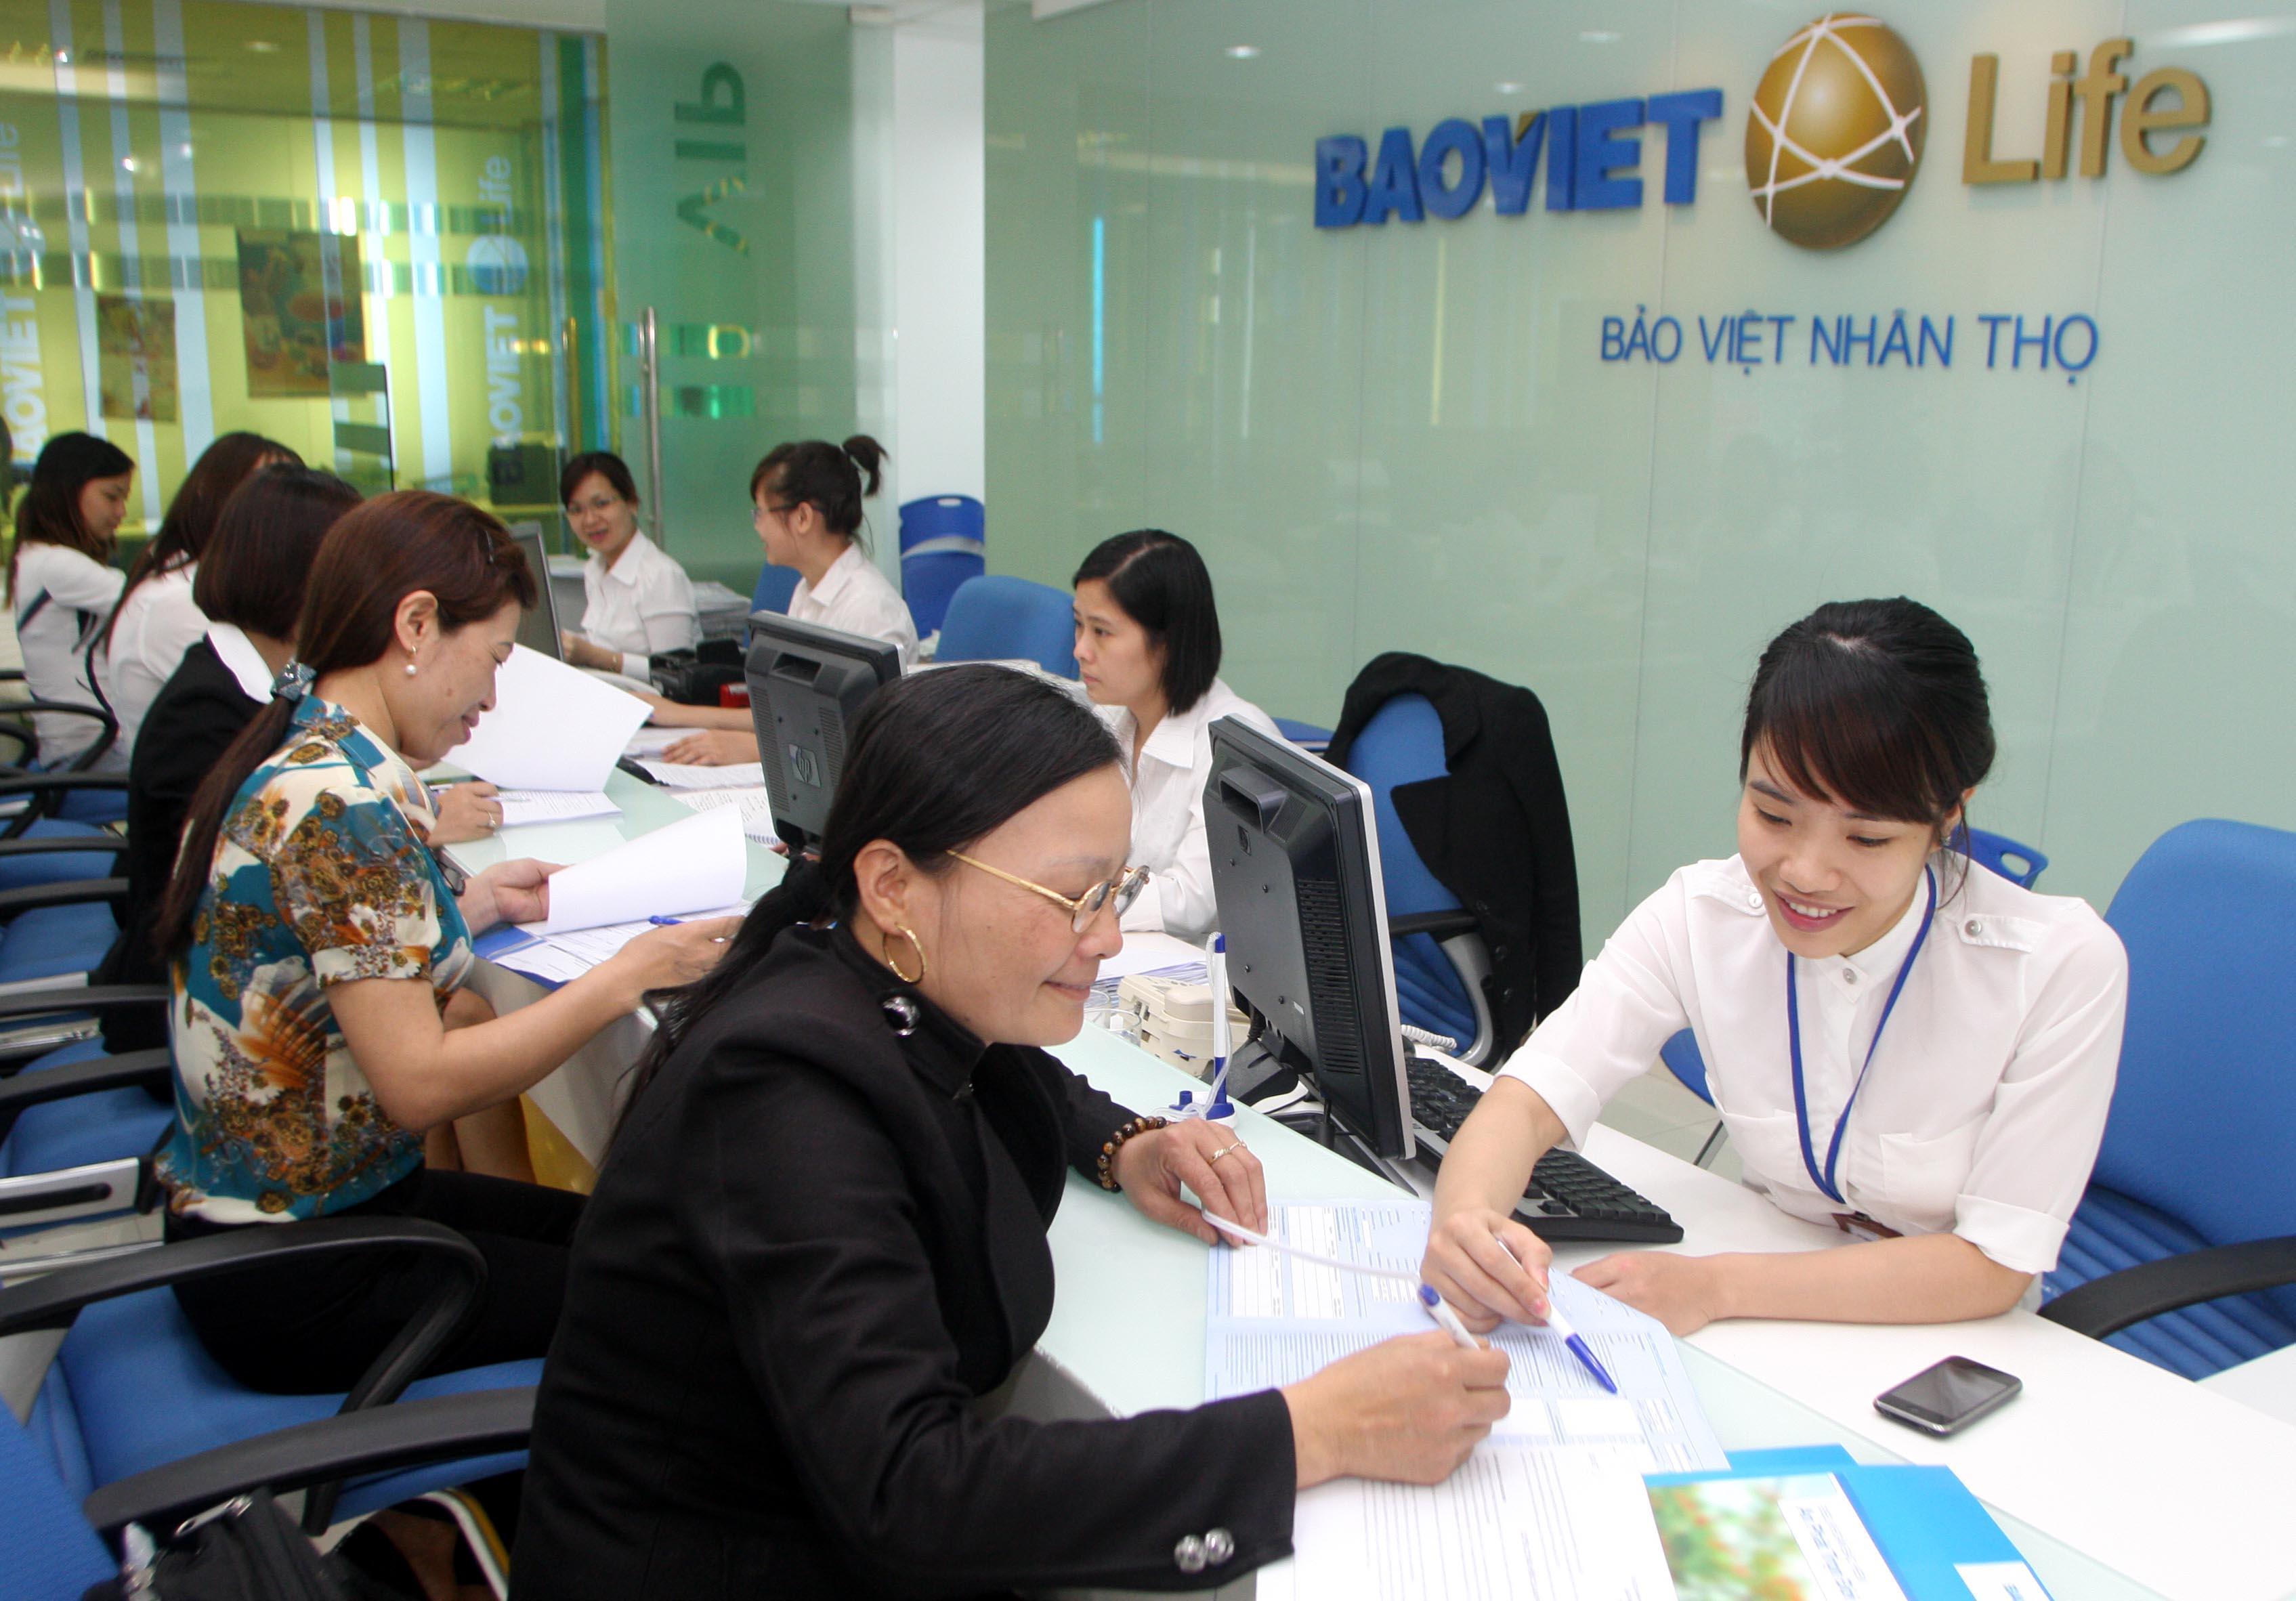 BVH: Bảo hiểm nhân thọ tăng mạnh, lãi sau thuế hợp nhất quý 1 đạt 387 tỷ đồng